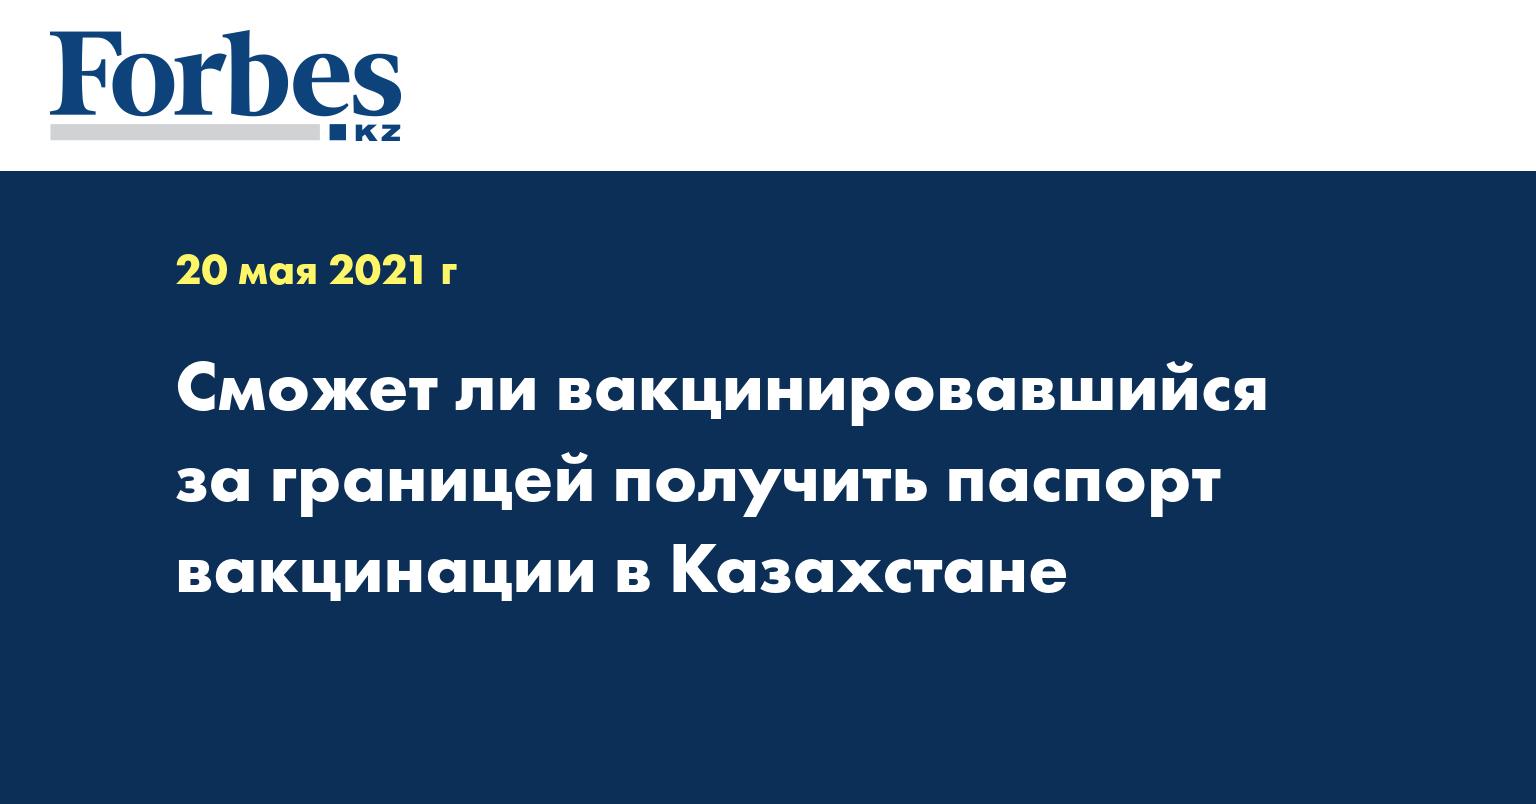 Сможет ли вакцинировавшийся за границей получить паспорт вакцинации в Казахстане